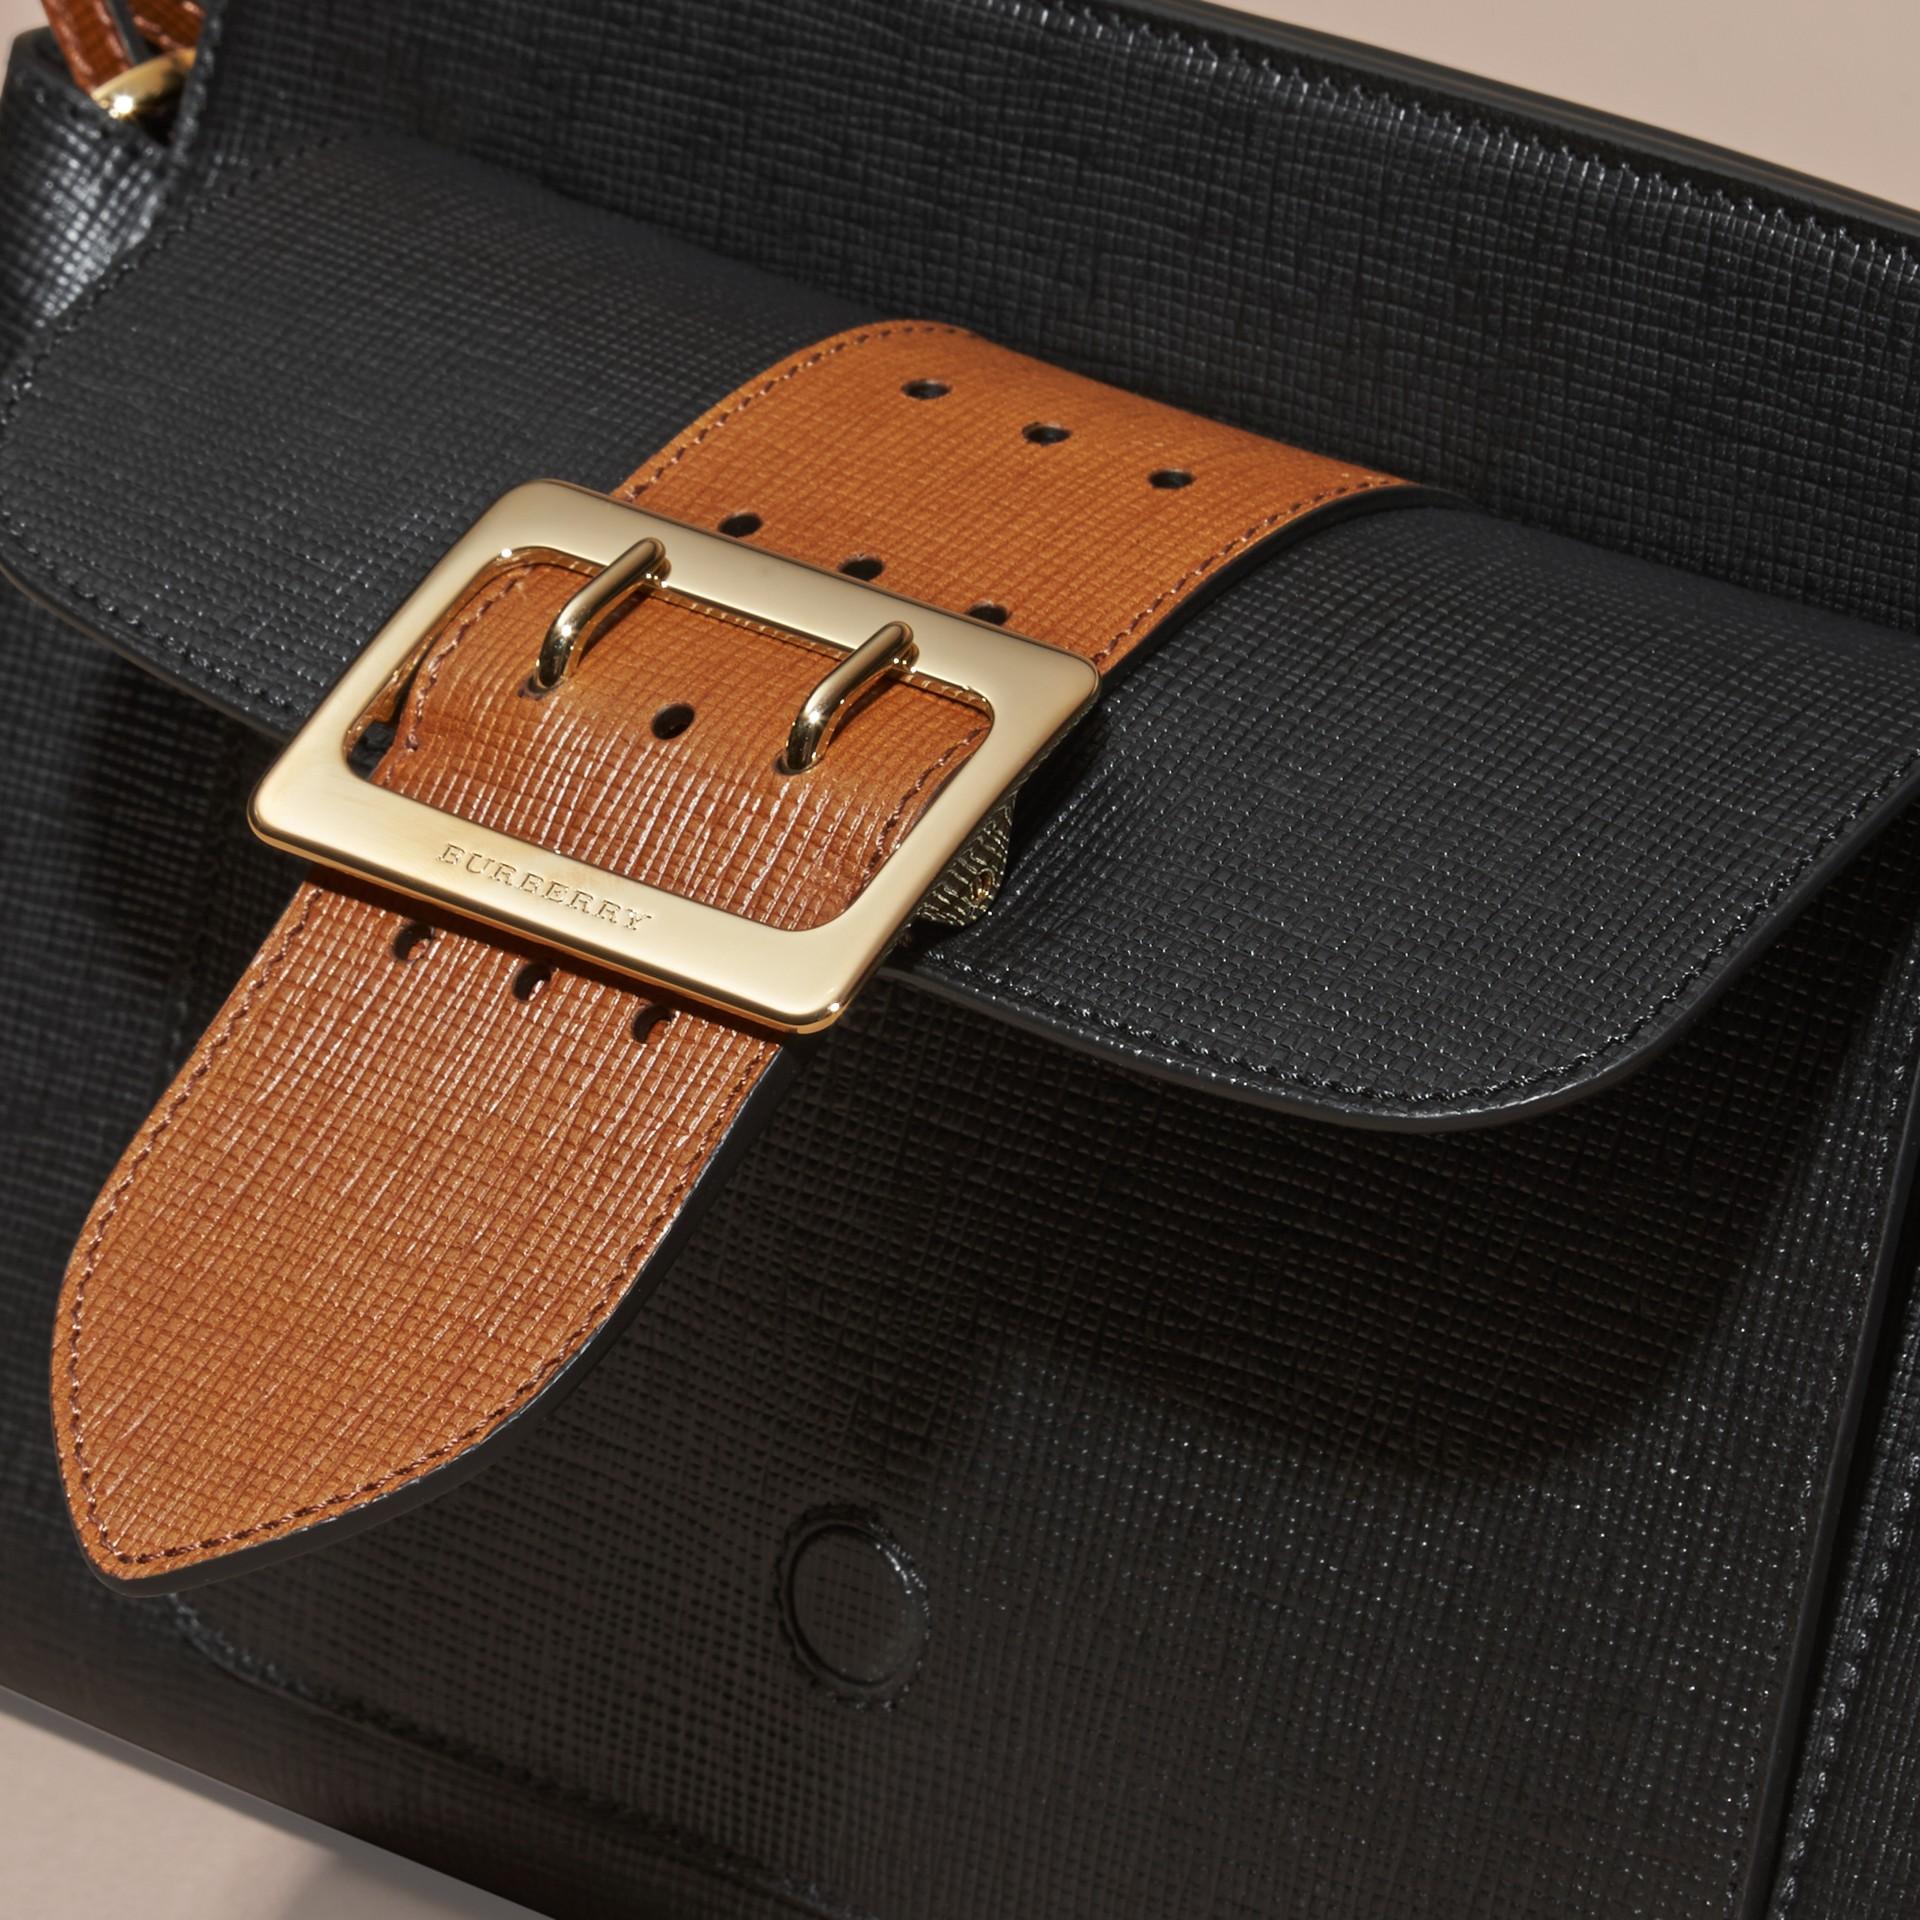 Preto Bolsa clutch Saddle de couro texturizado e aderido - galeria de imagens 7